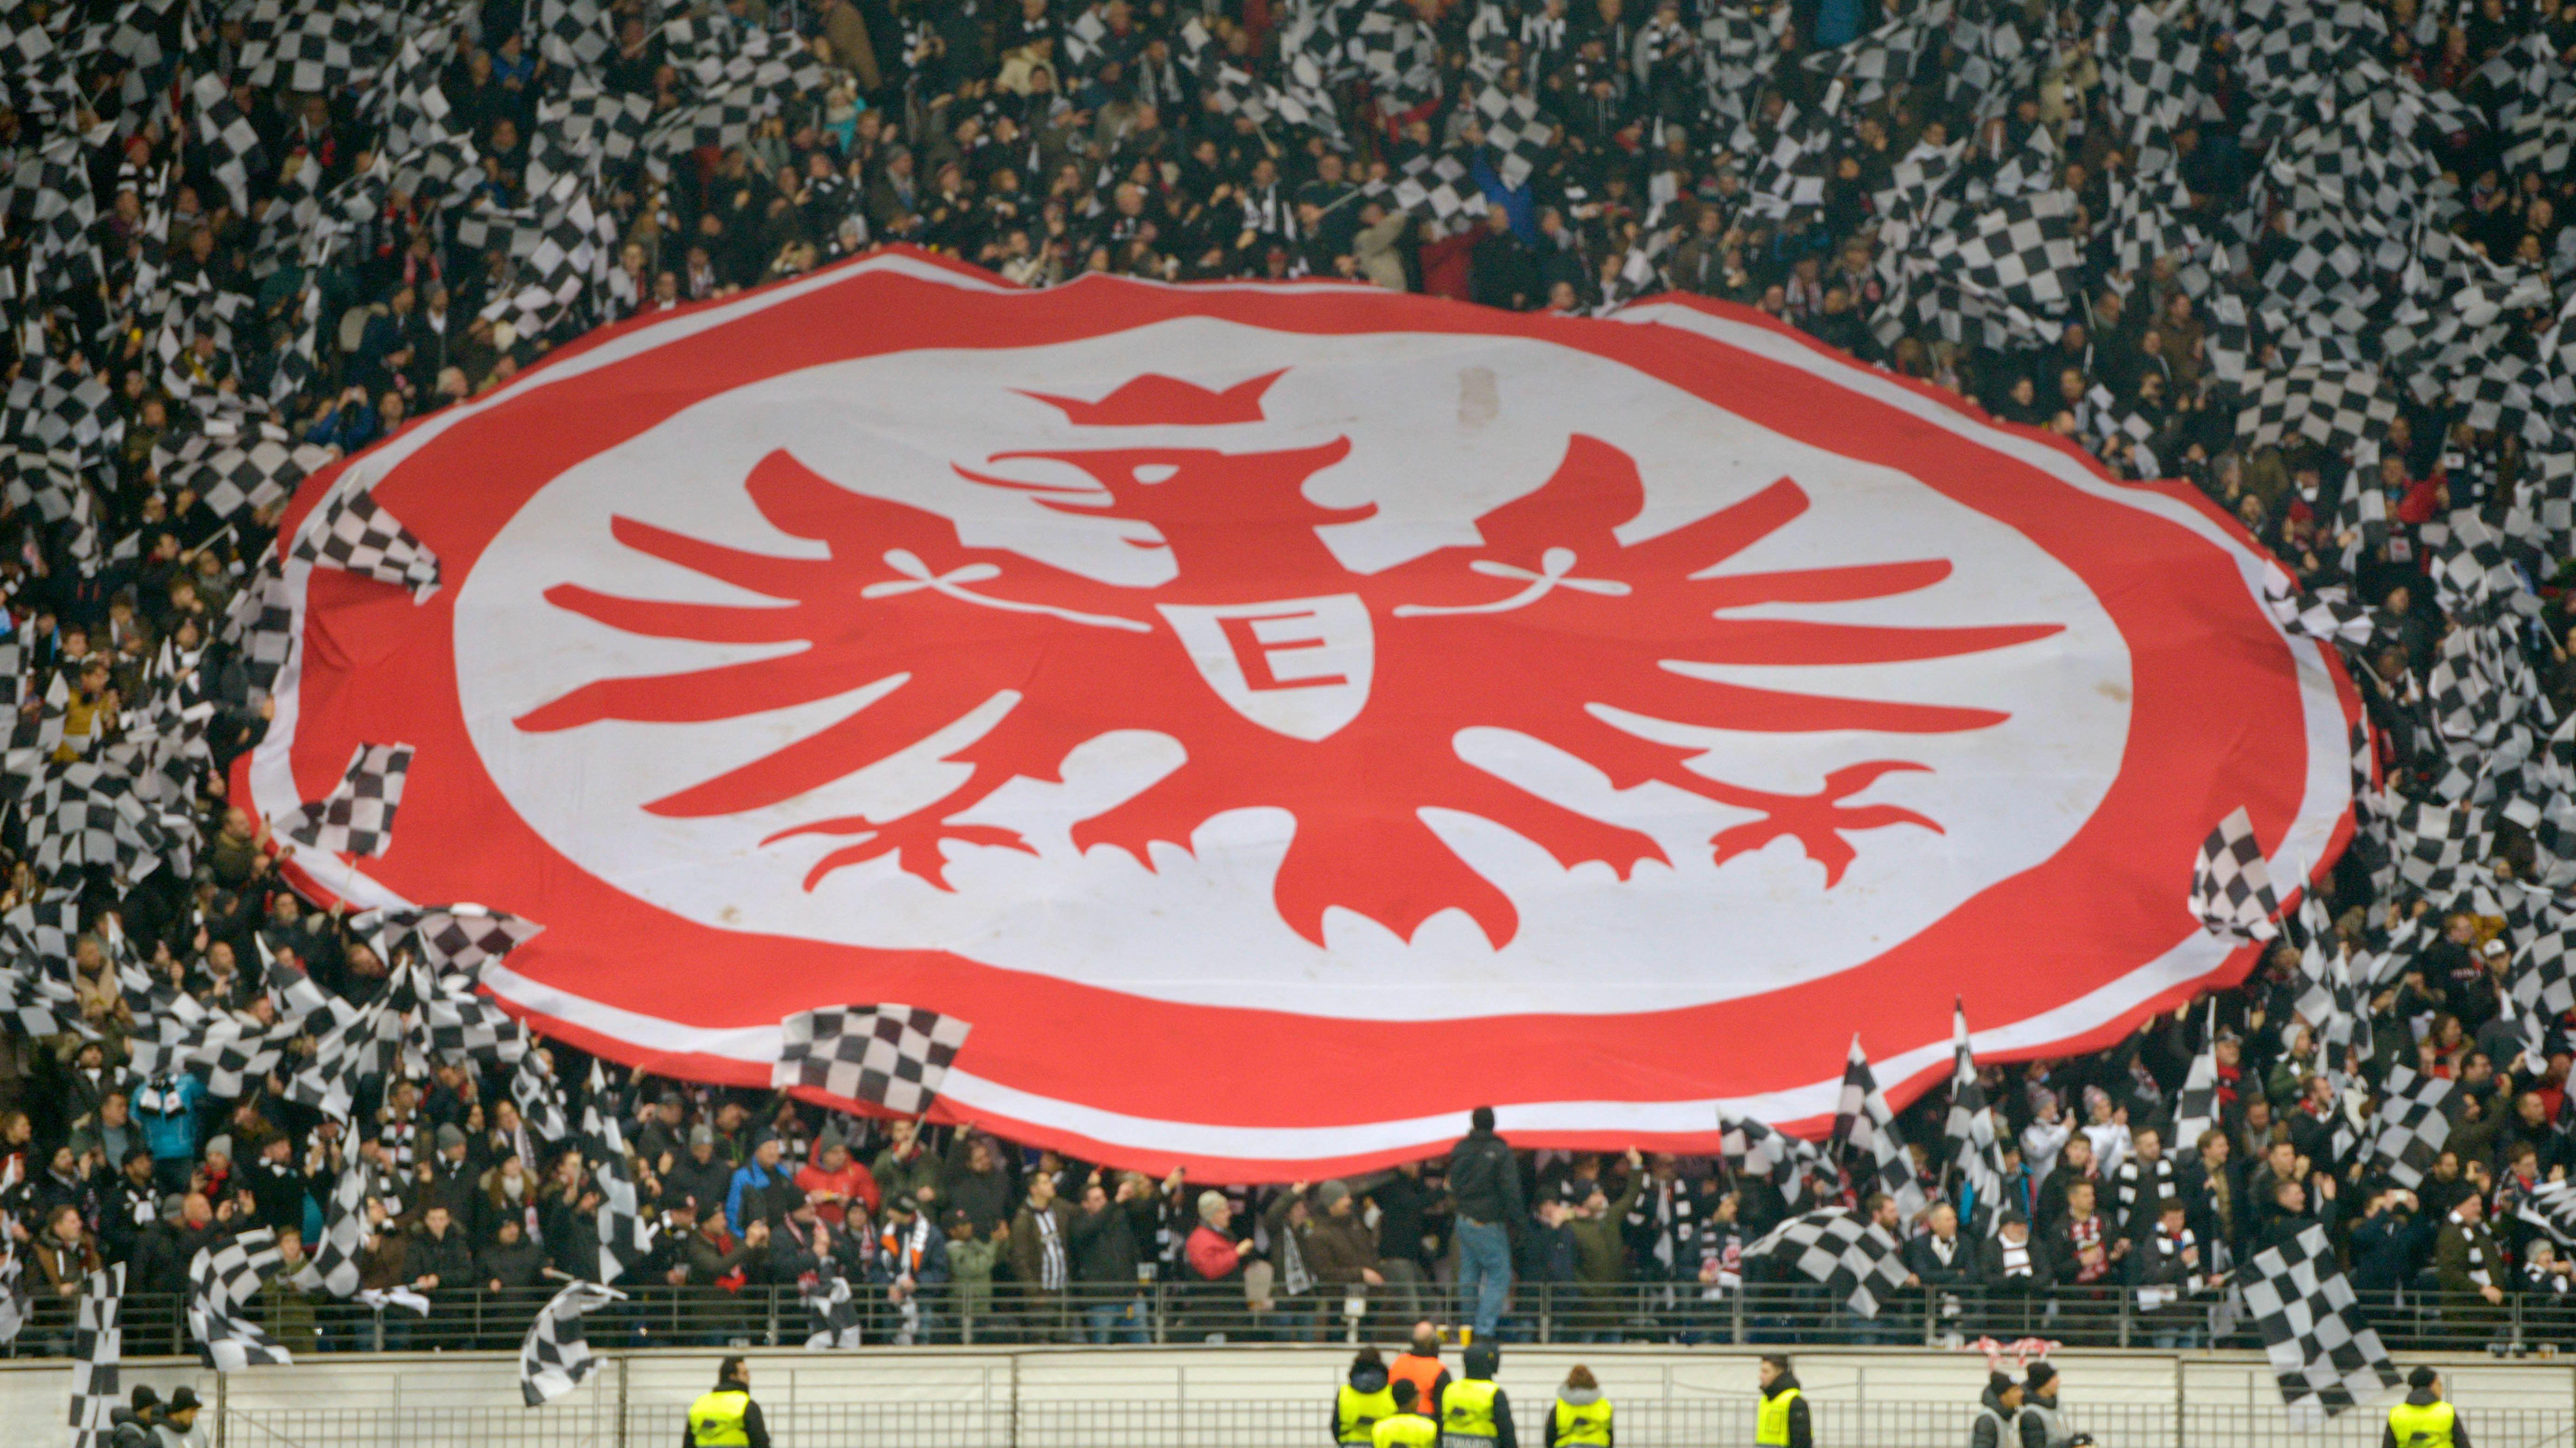 Saugte unberechtigt Infos aus einer oberpfälzer Fußball-Datenbank: Eintracht Frankfurt